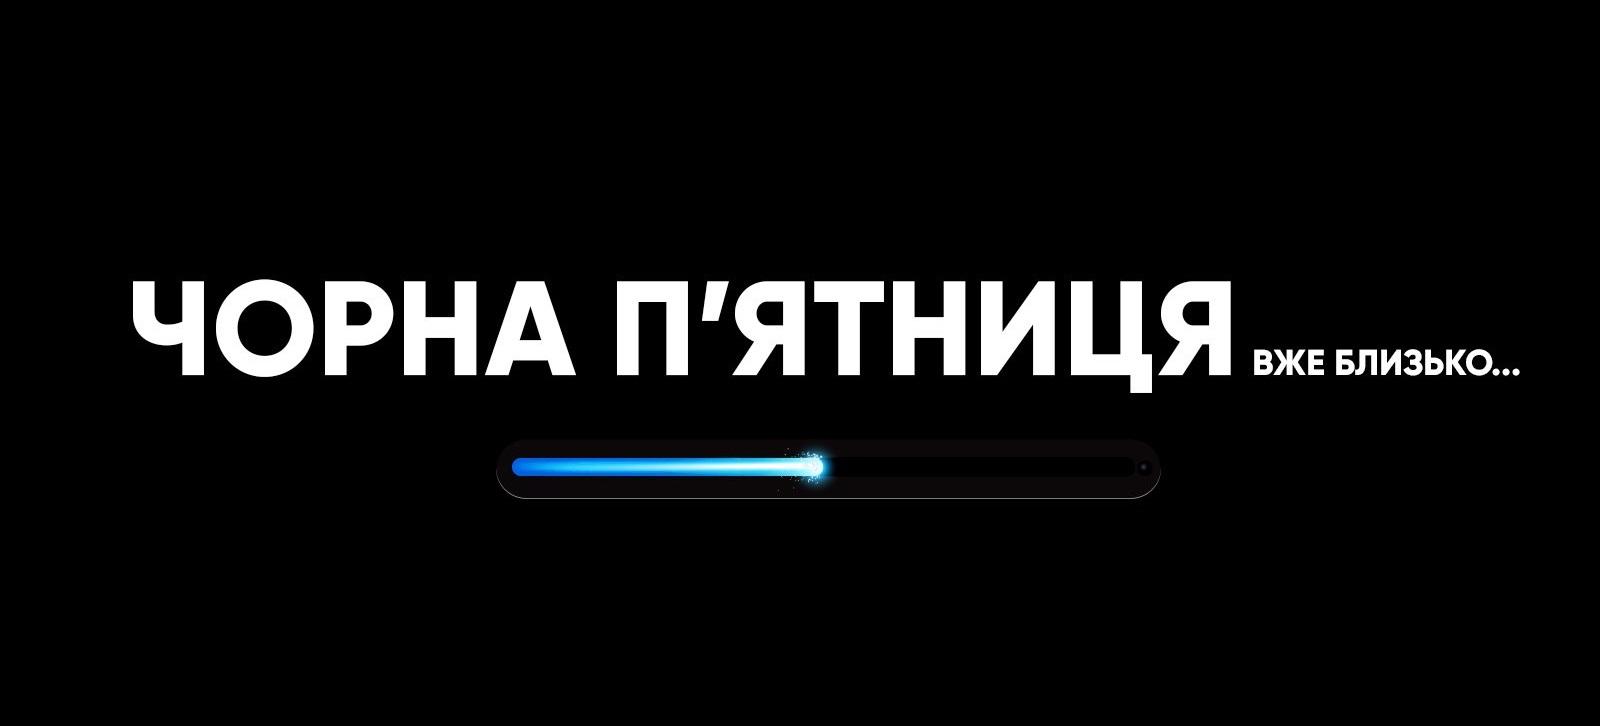 Когда Черная пятница 2019 в Украине